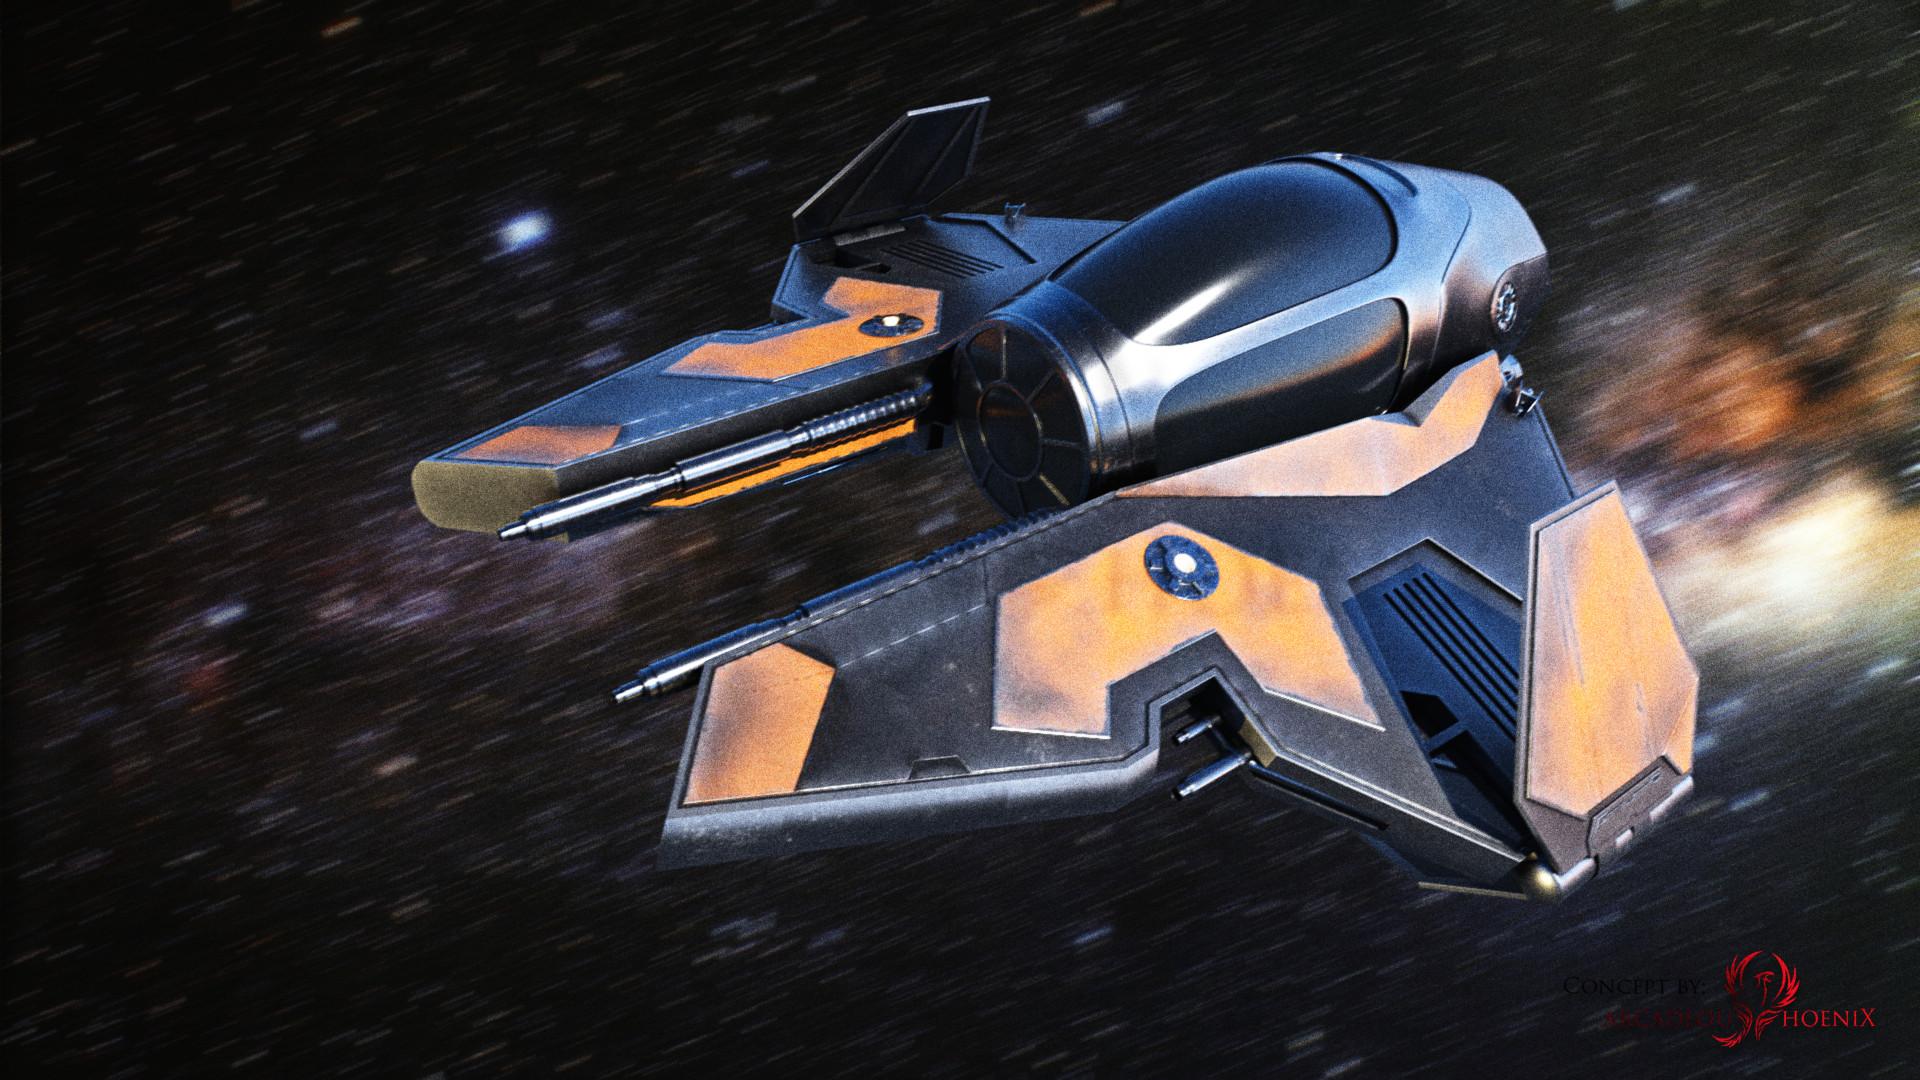 Arcadeous phoenix jedi interceptor stylized